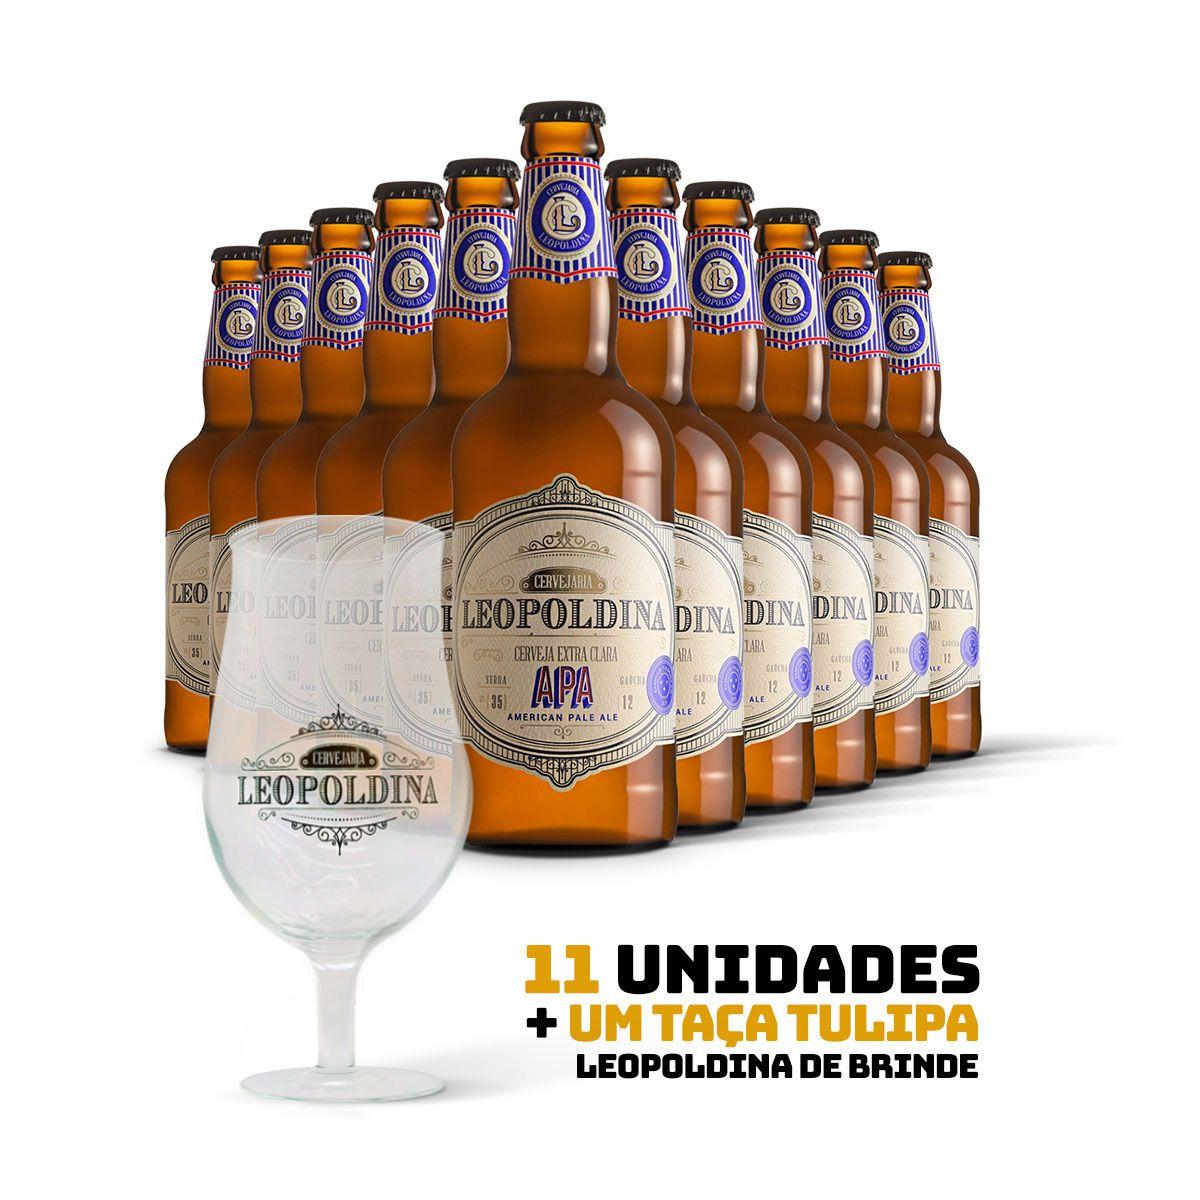 Kit Leopoldina American Pale Ale APA 500ml 11 cervejas + Brinde Taça Tulipa Leopoldina